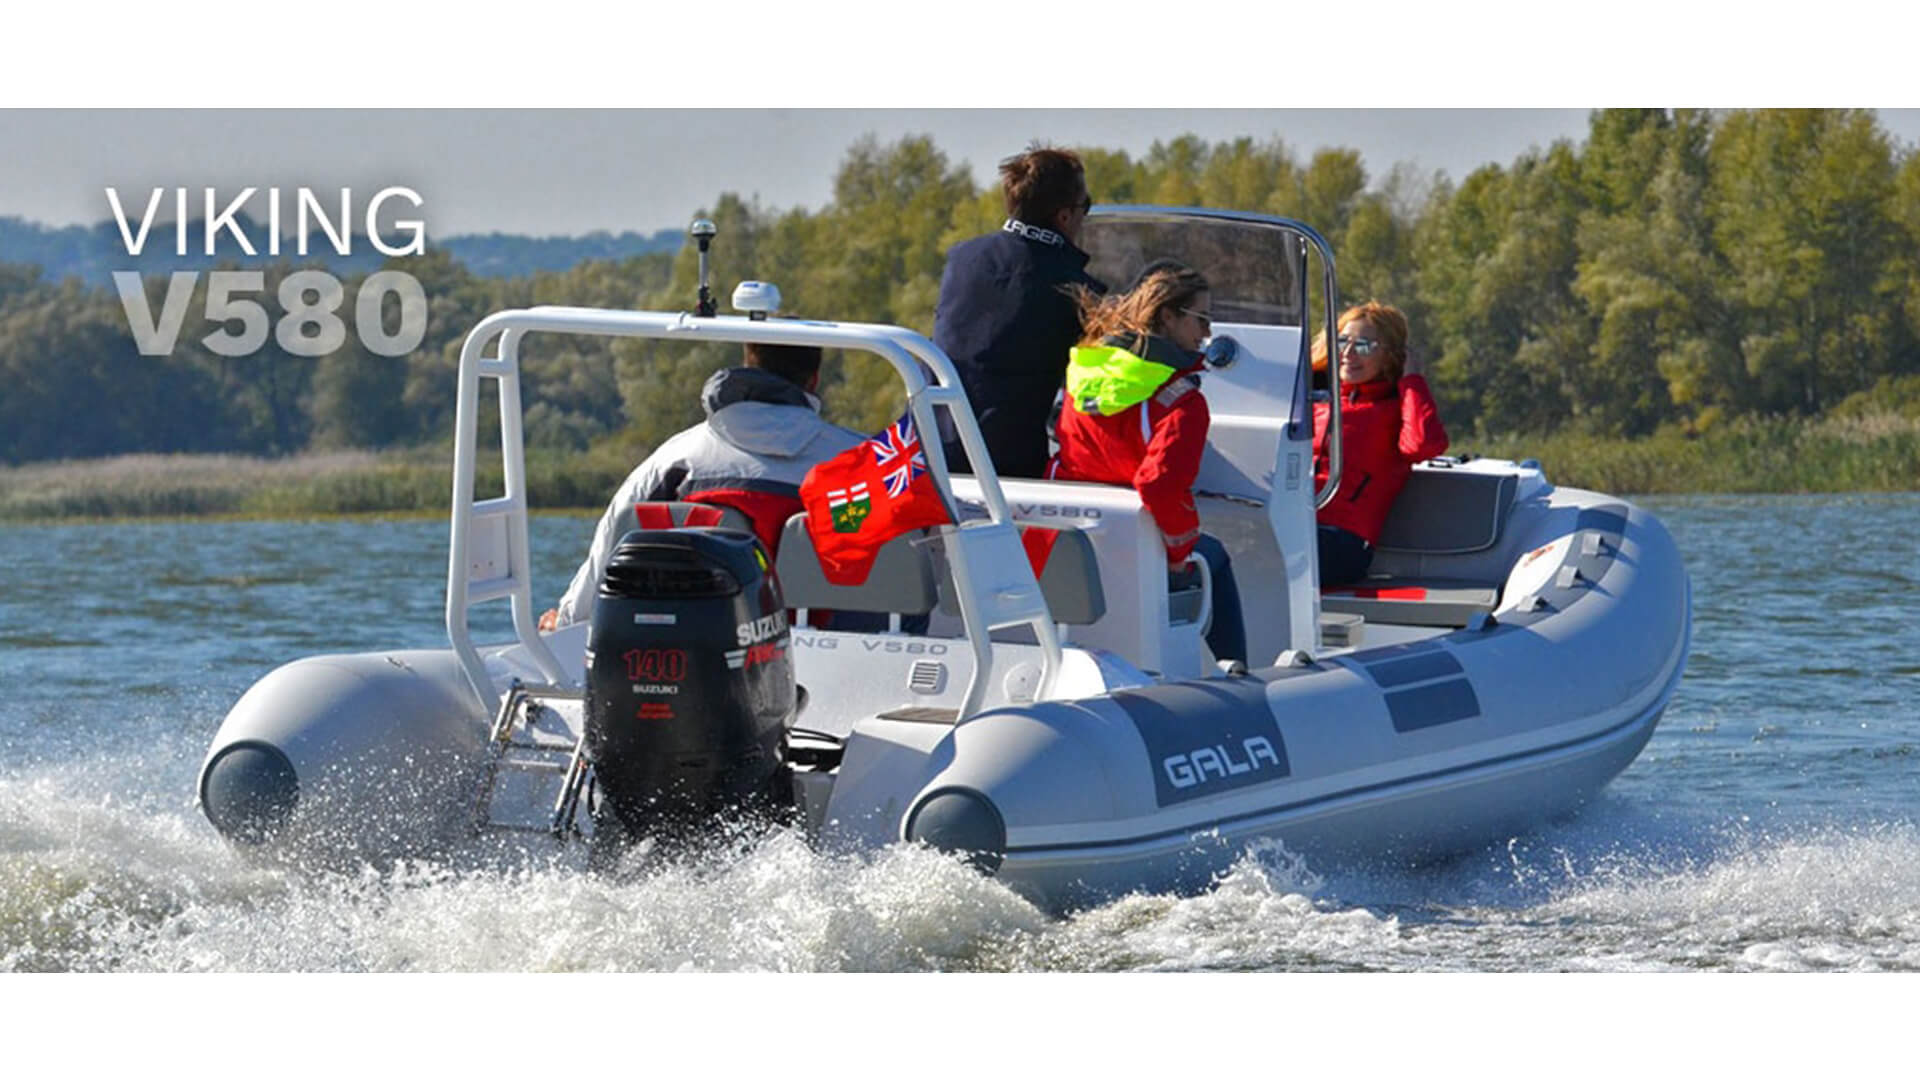 Надувная лодка с жестким алюминиевым дном GALA Viking V580, Надувная лодка с жестким дном GALA Viking V580, Надувная лодка с жестким дном GALA V580, Надувная лодка GALA V580, Надувная лодка GALA V580, GALA V580, лодка с жестким дном, алюминиевый риб, алюминиевый RIB, RIB